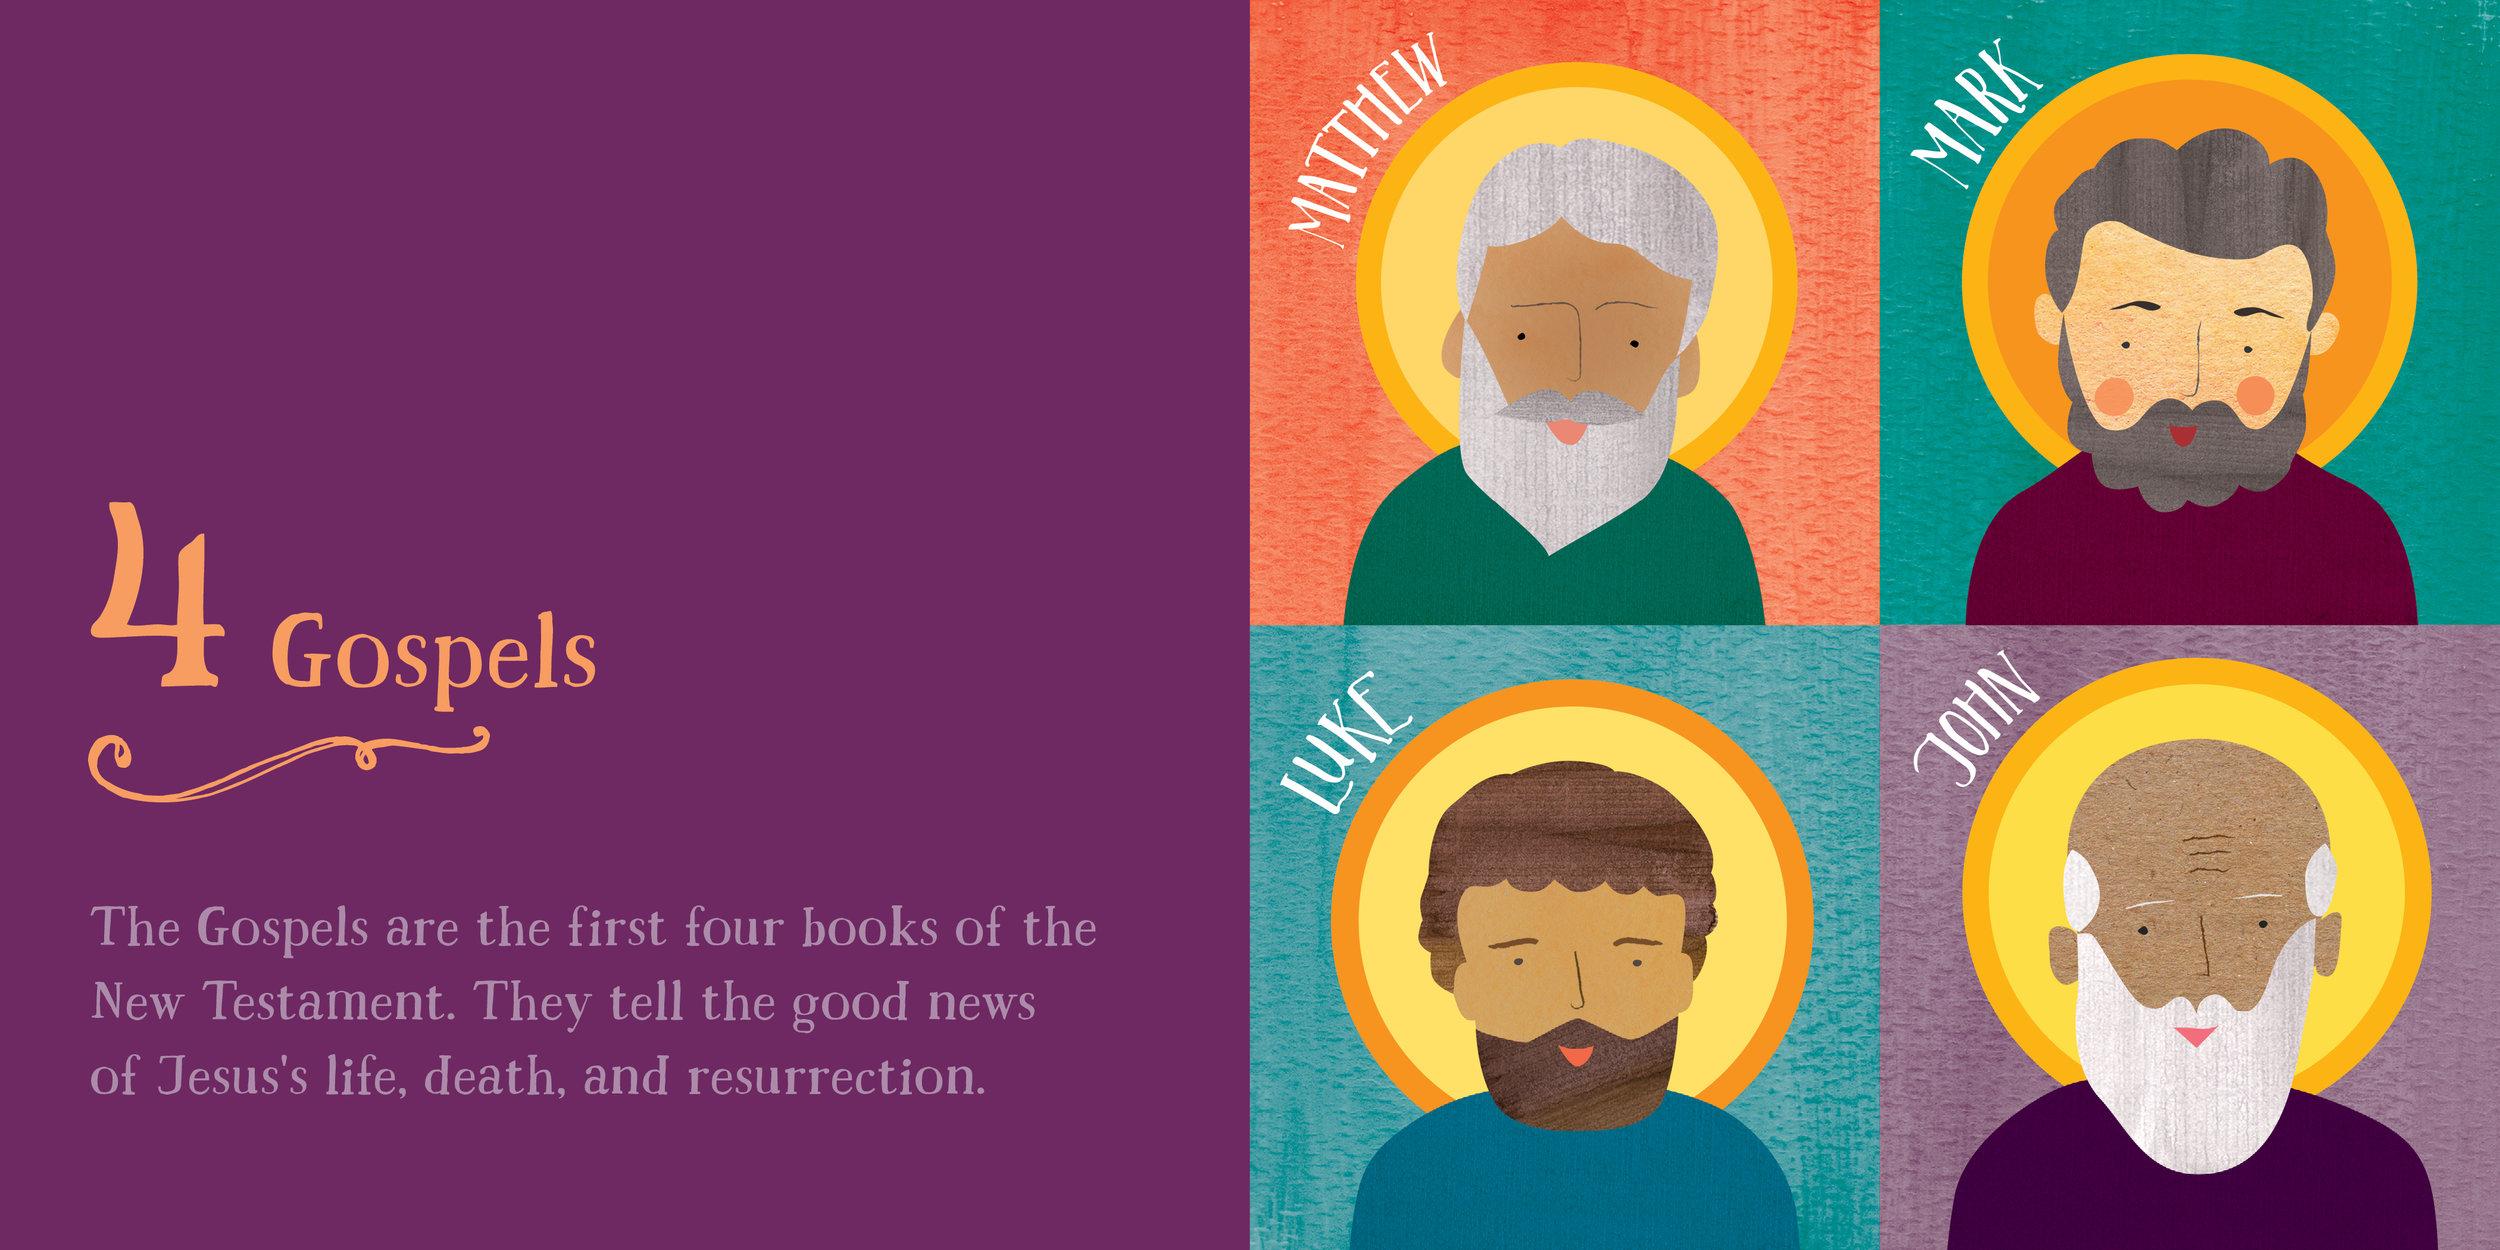 4-gospels-spread